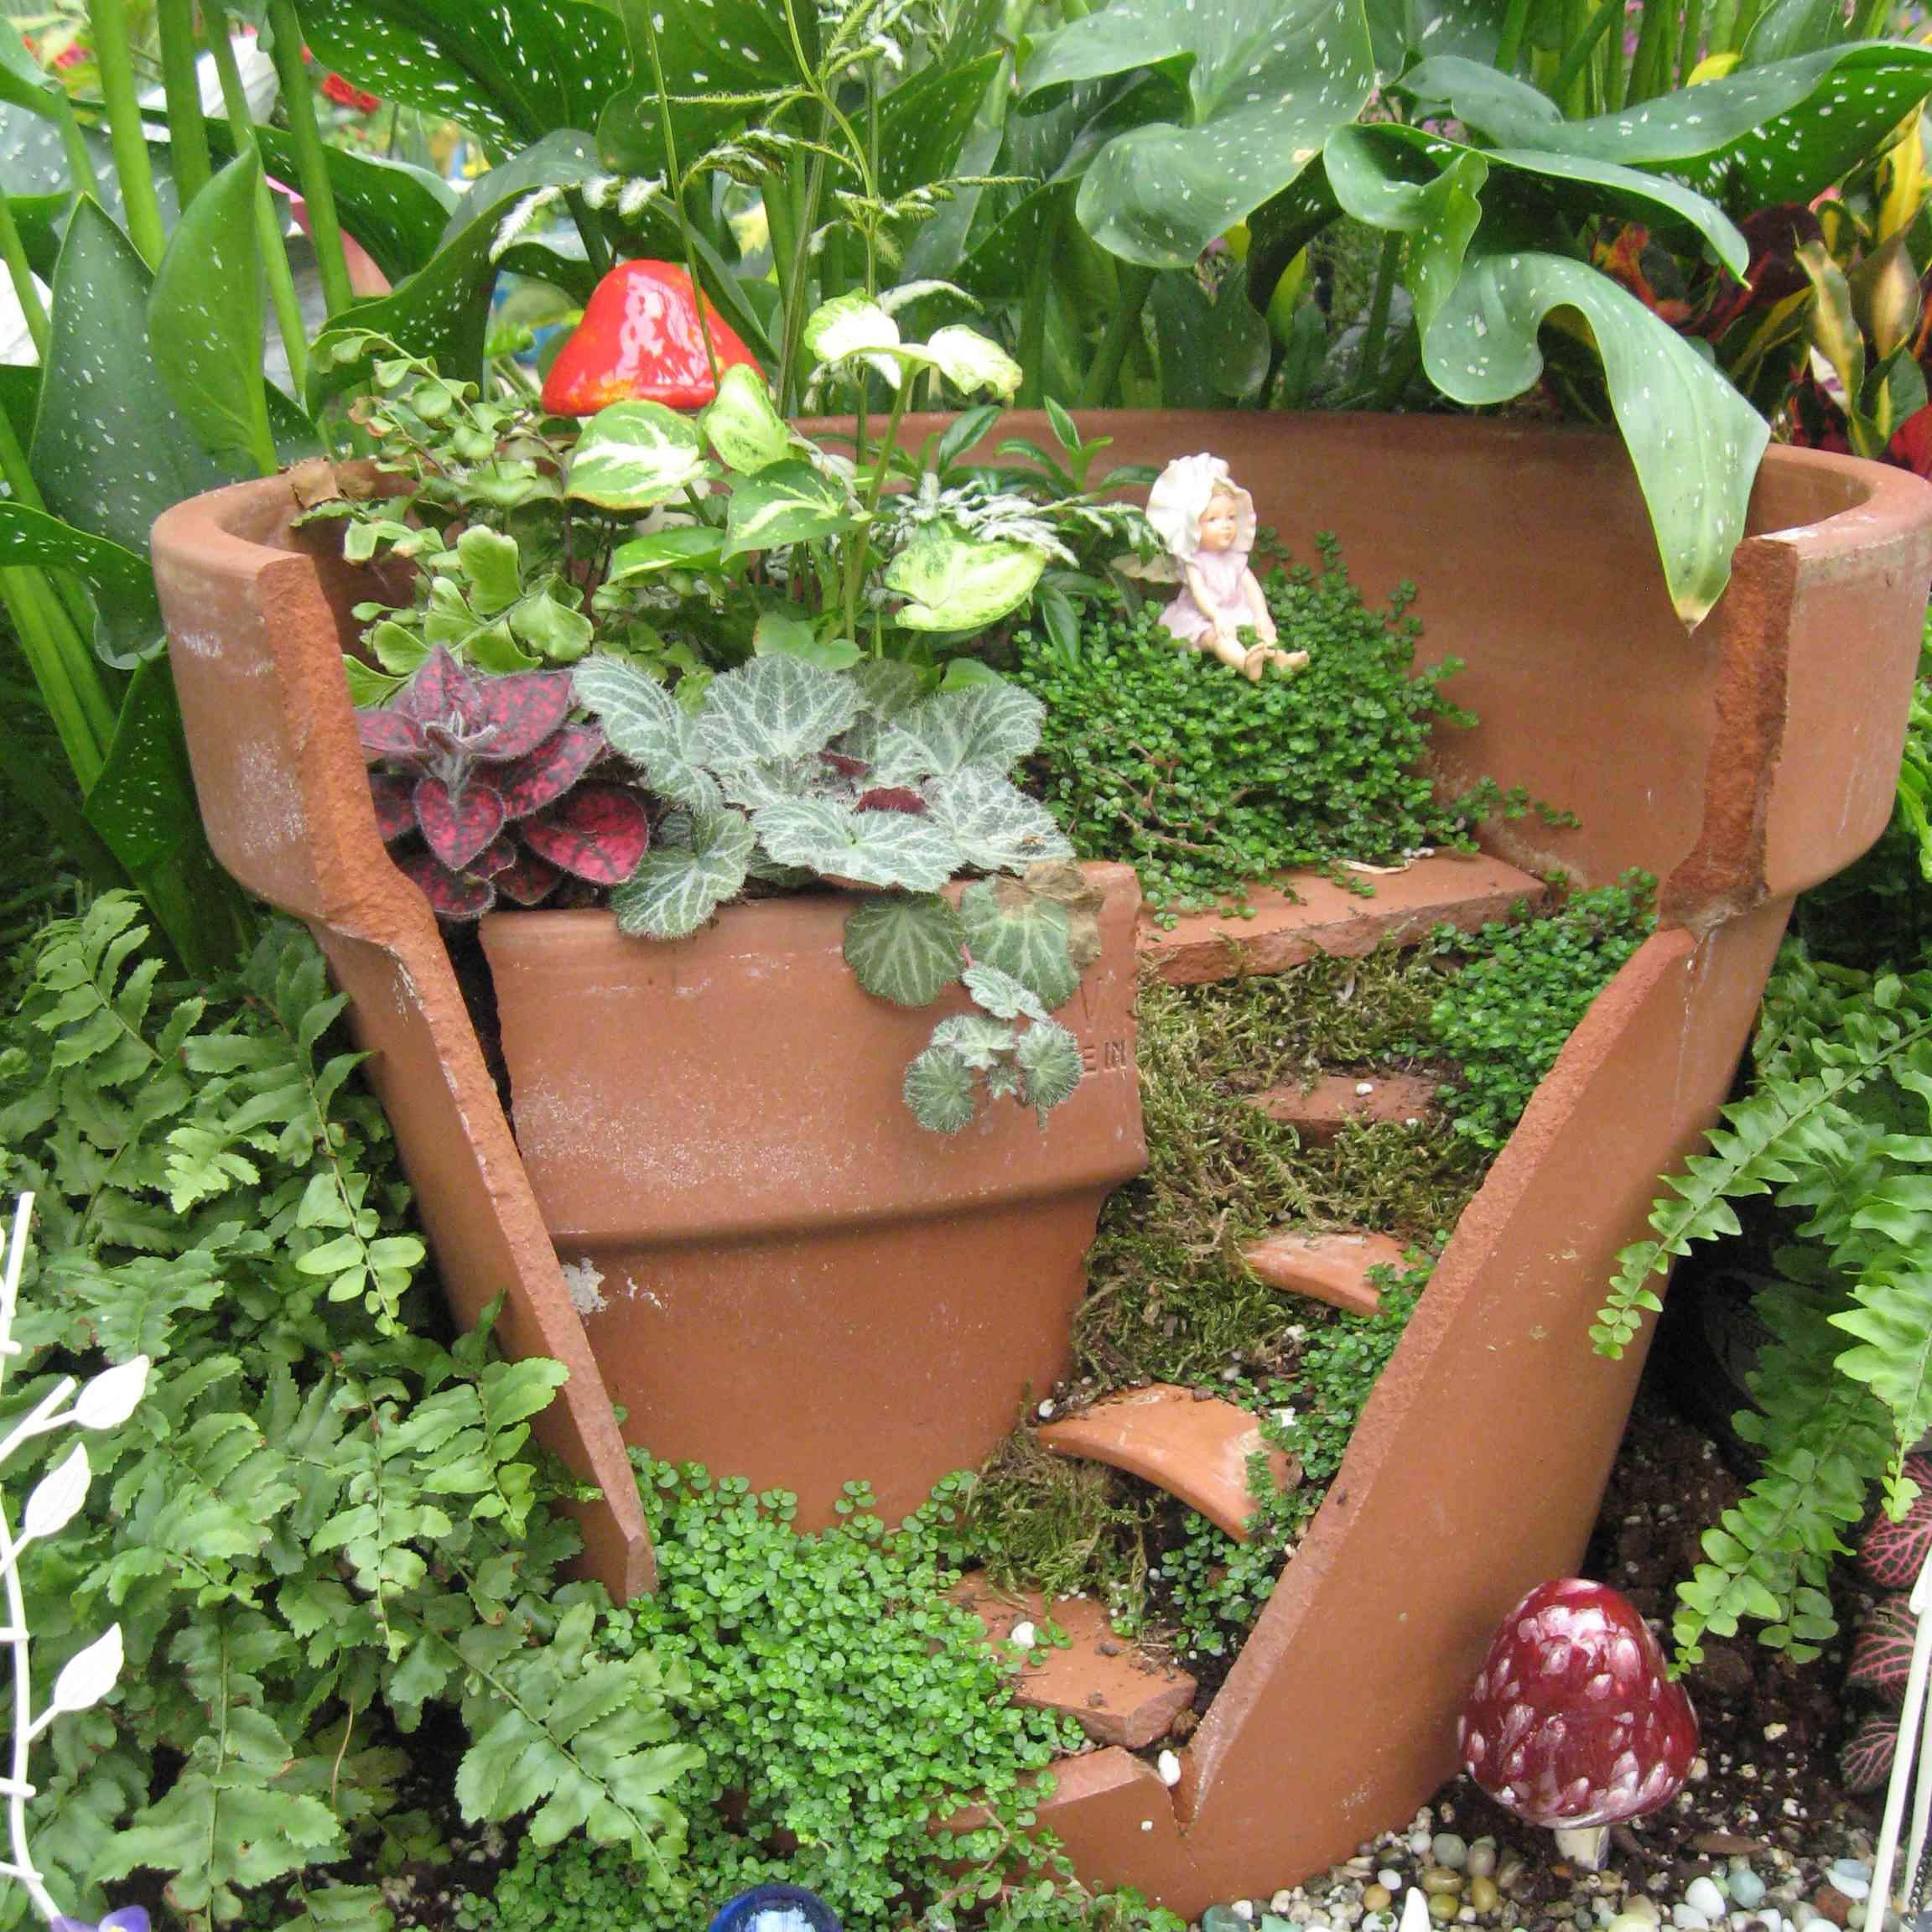 Broken terracotta pots made into fairy garden.